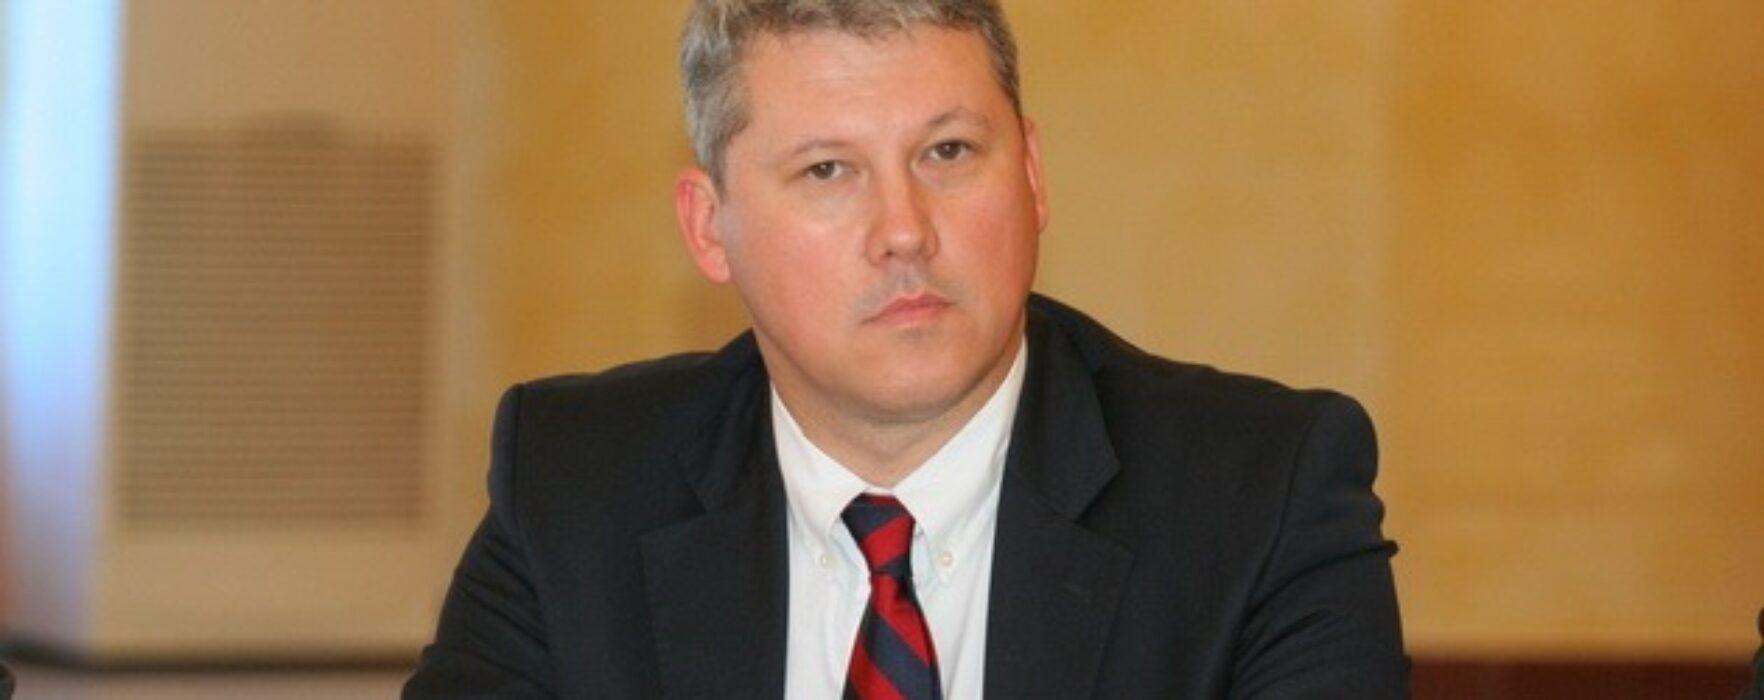 Cătălin Predoiu a obţinut 84%, în Dâmboviţa, la alegerile interne PDL pentru desemnarea candidatului la preşedinţie